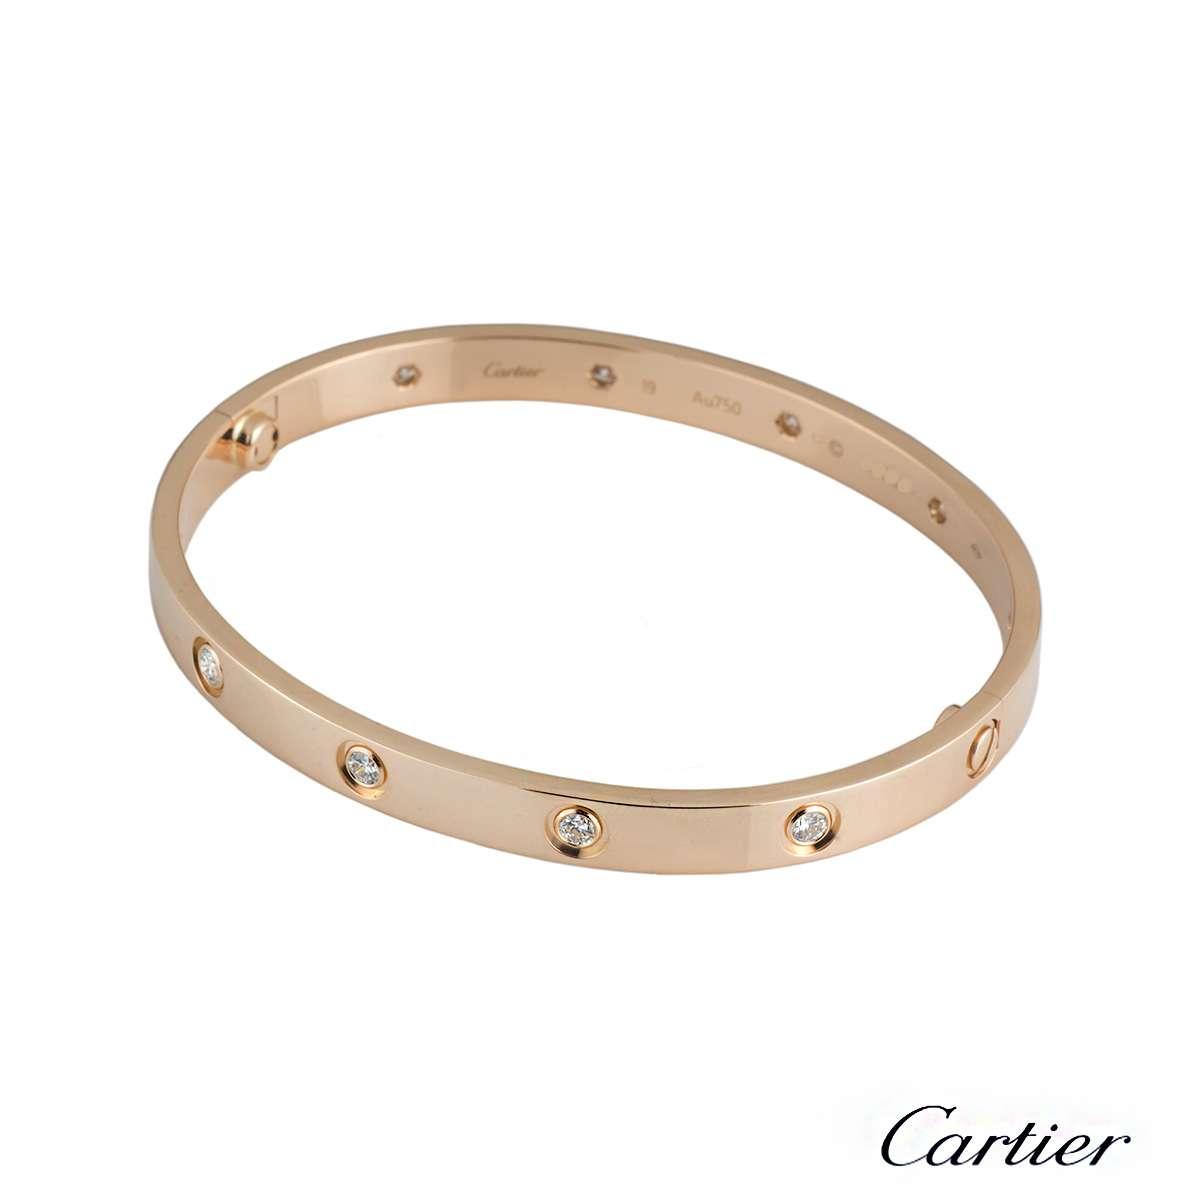 cartier rose gold full diamond love bracelet size 19 bampp